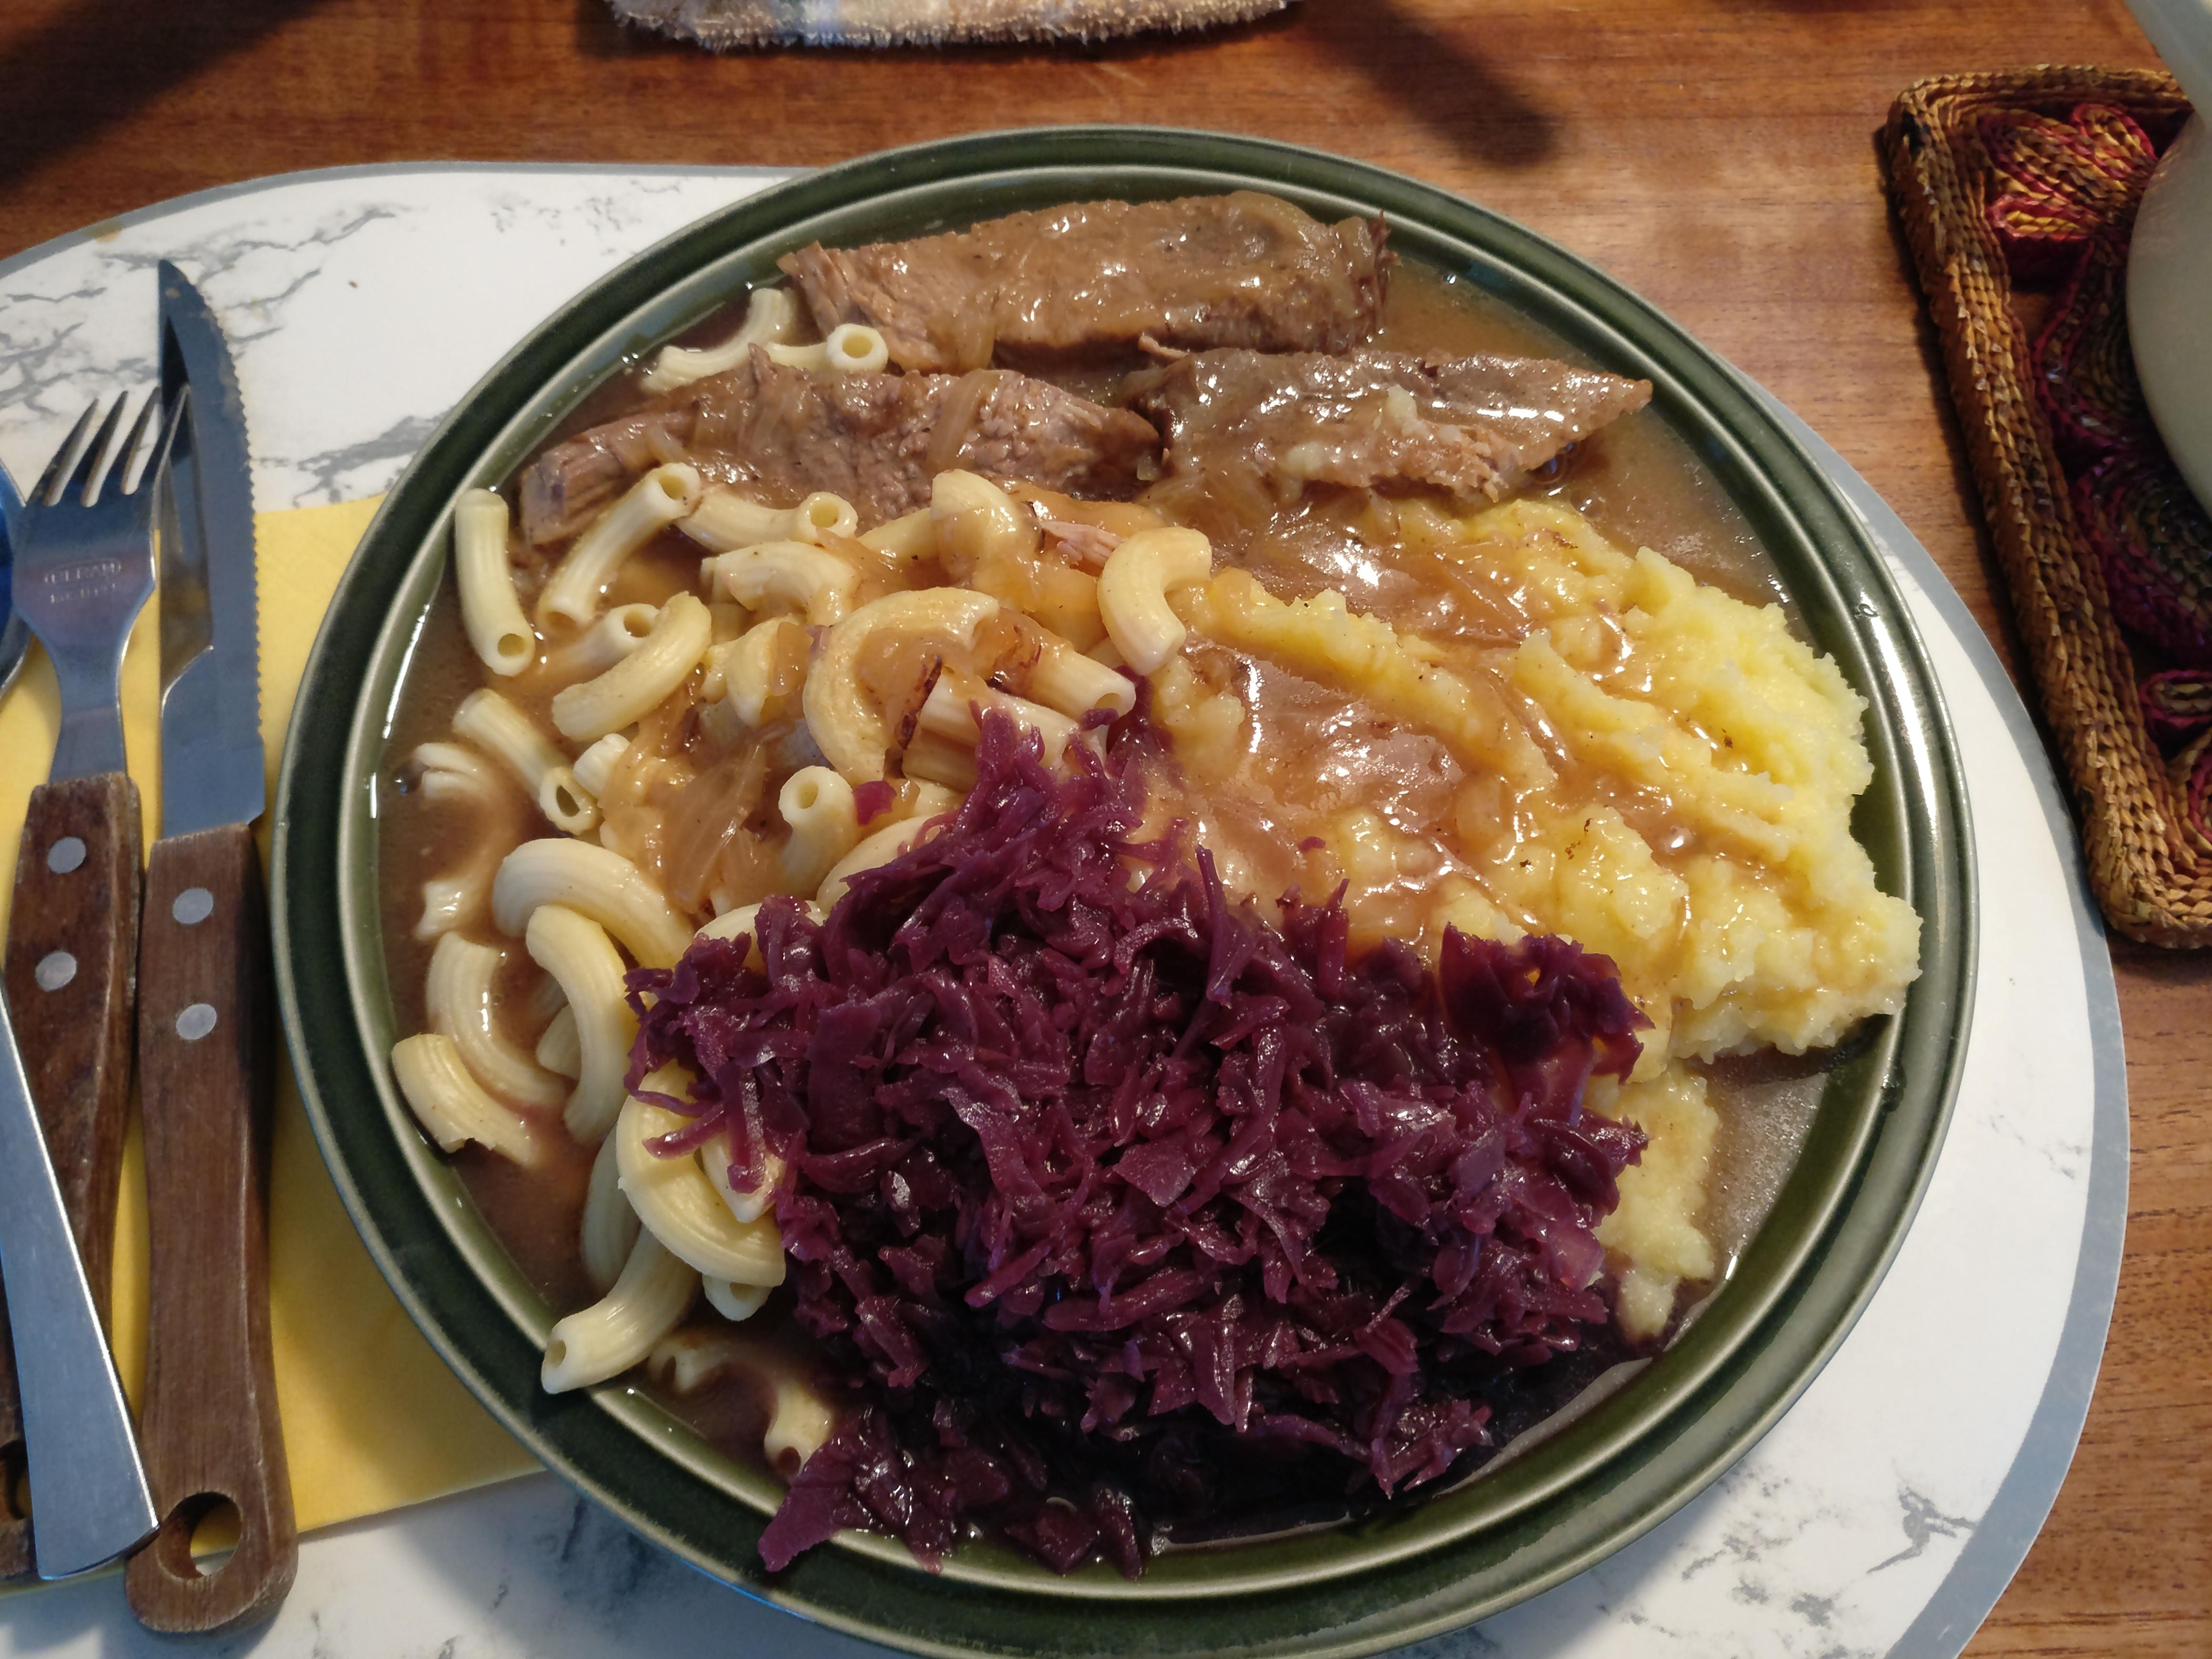 https://foodloader.net/nico_2017-06-07_schweinebraten-nudeln-kartoffelpuree-rotkraut.jpg